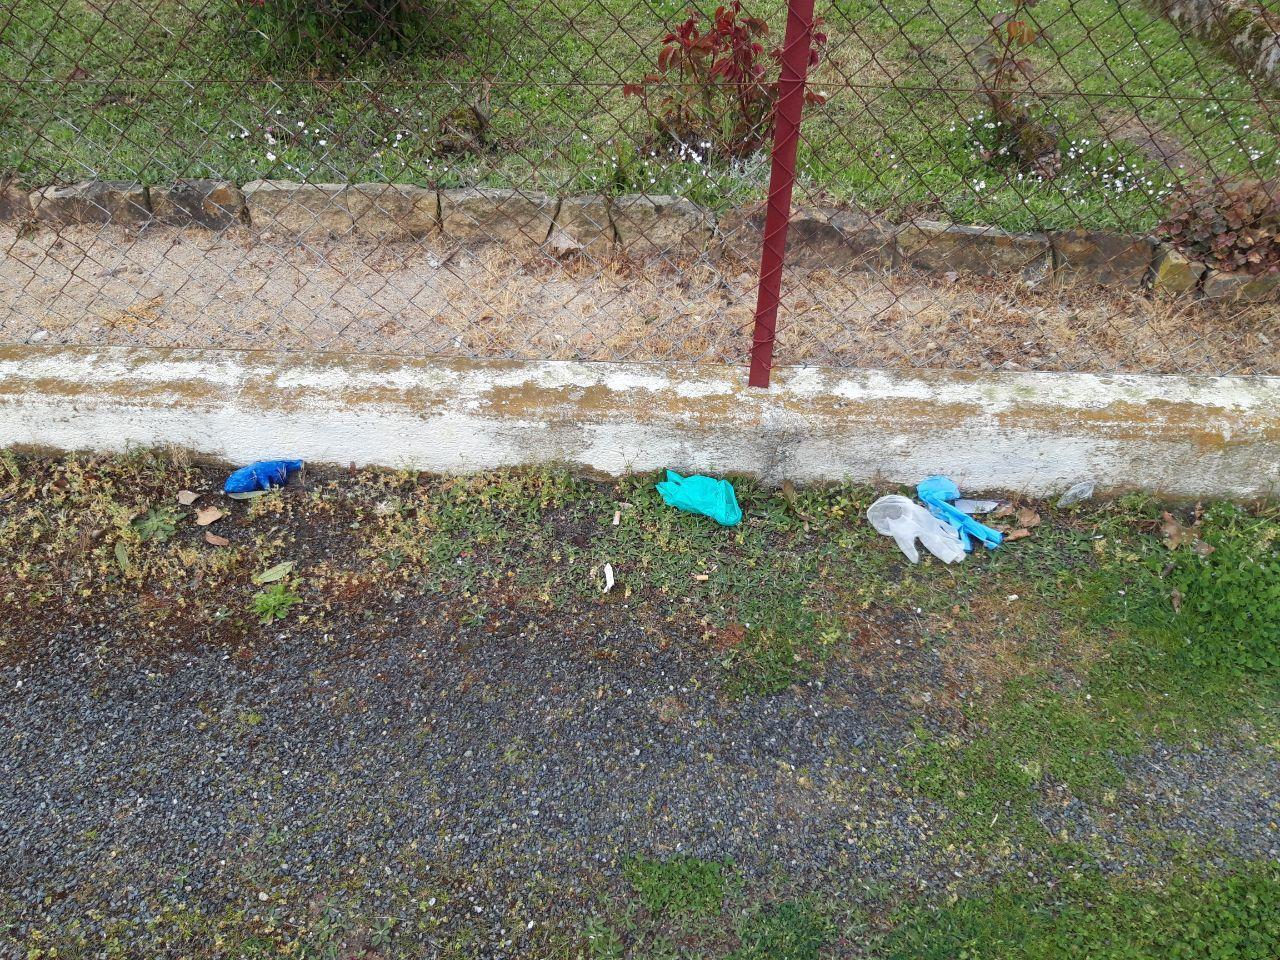 La ville de Vierzon en appelle au respect du travail des agents municipaux